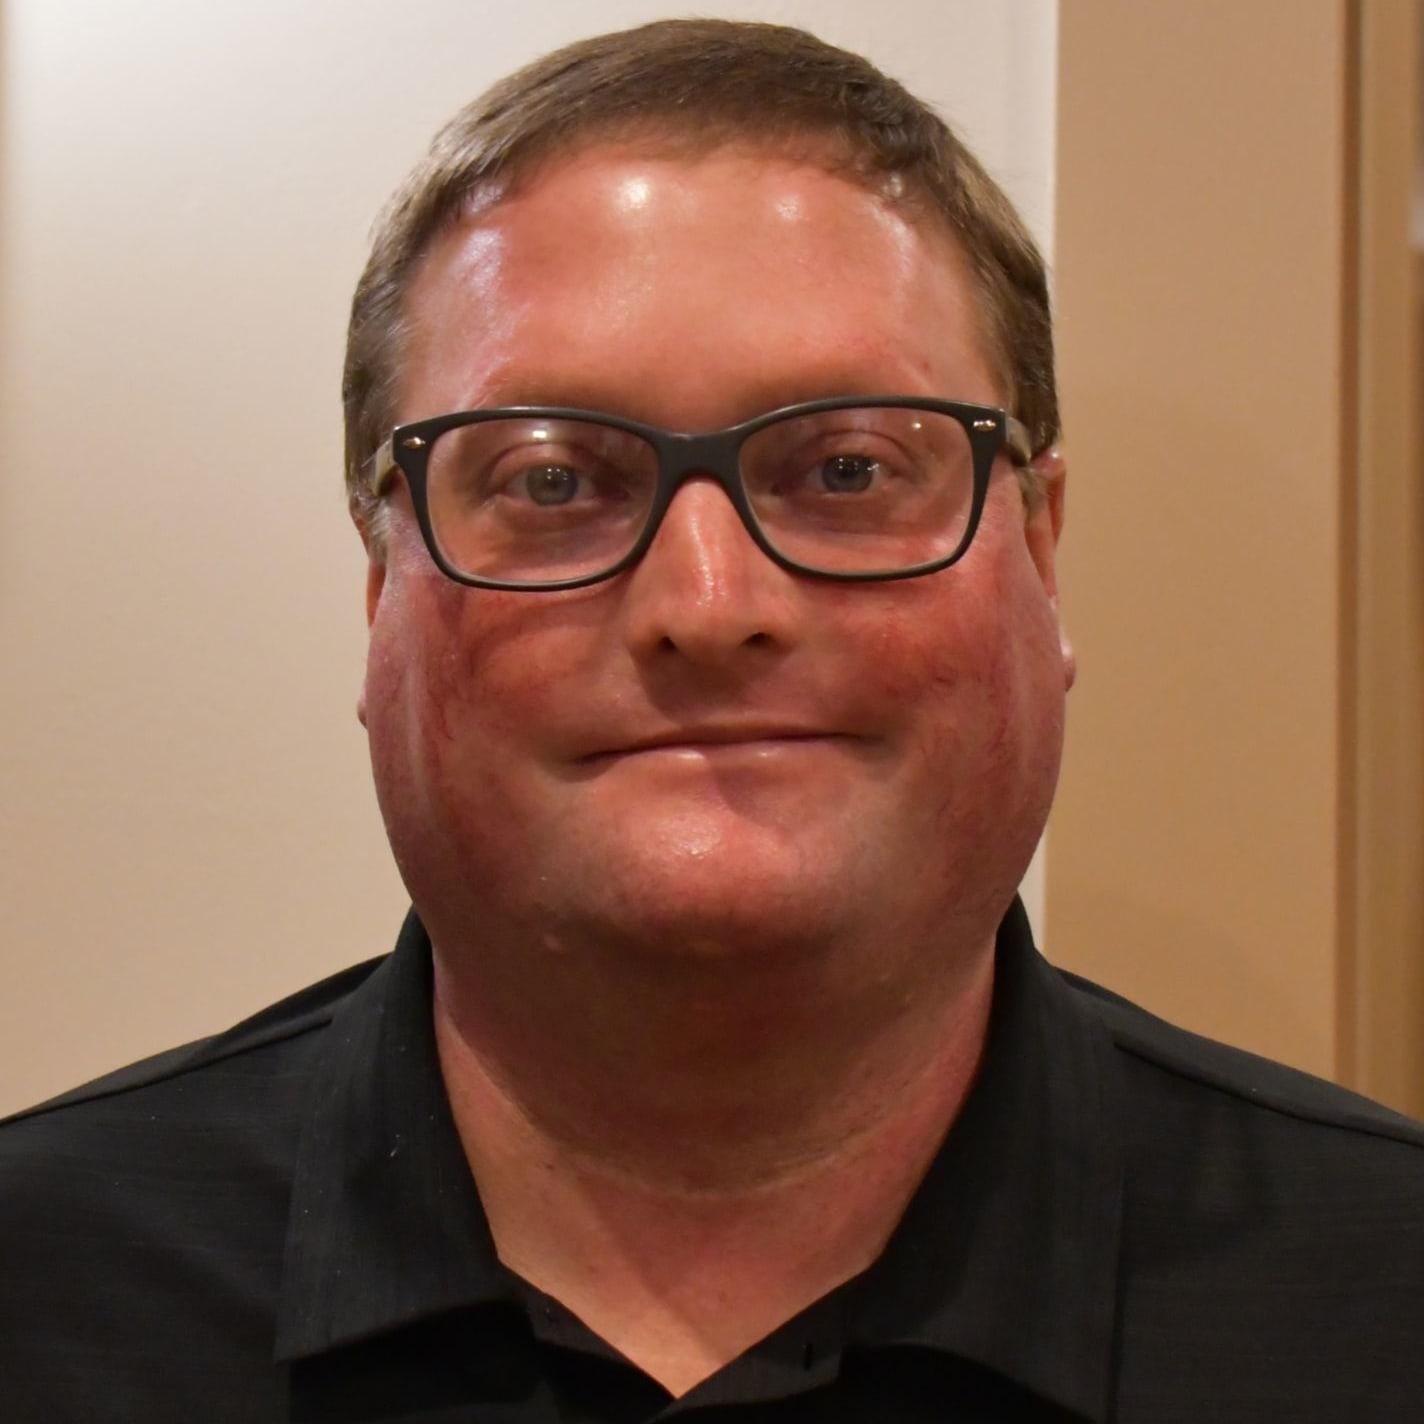 Carson Cole, Board Member